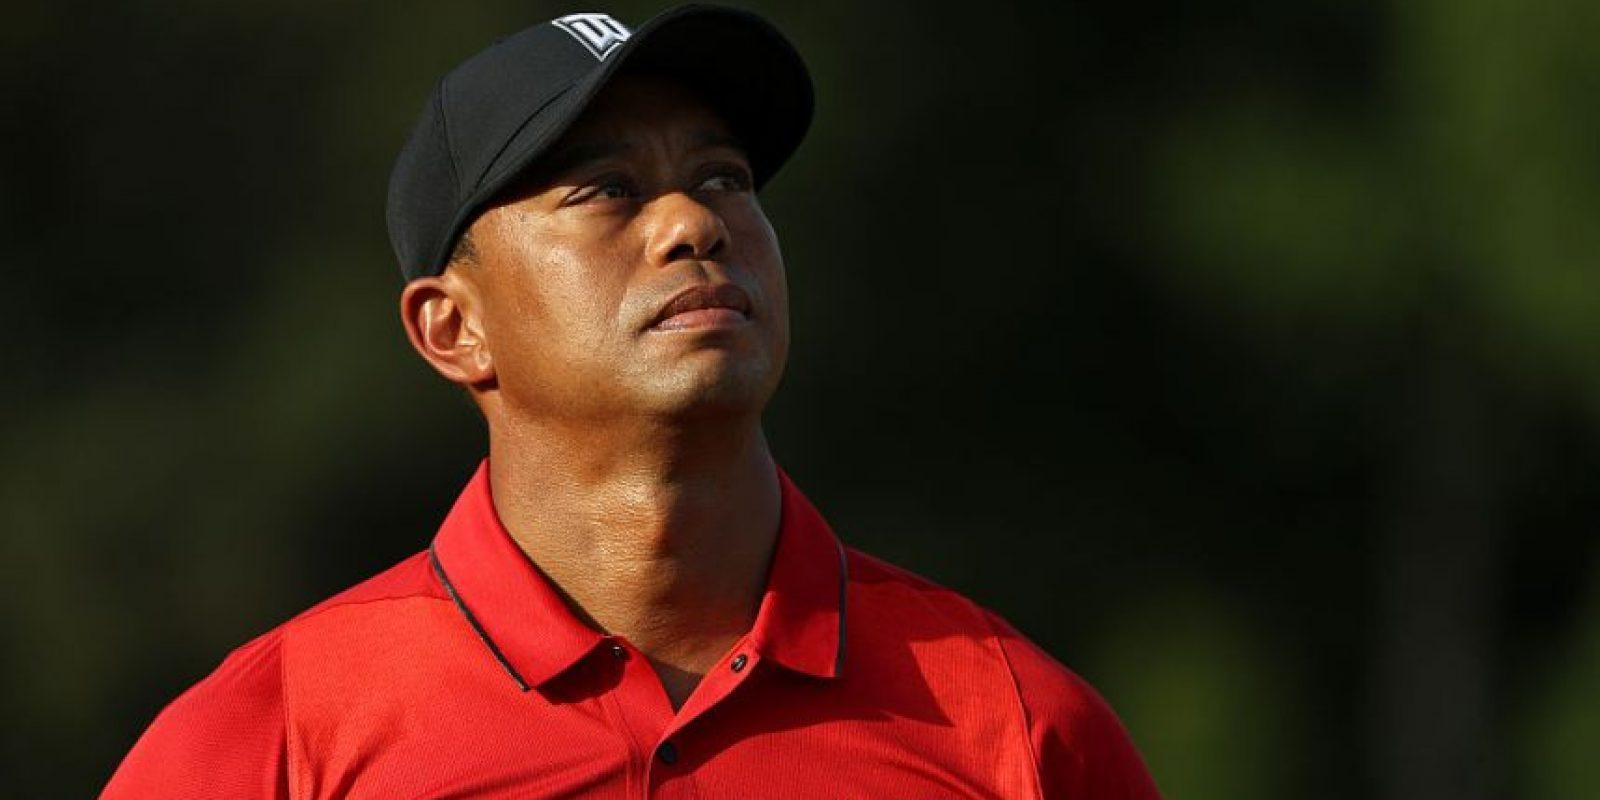 Tiger Woods, pese a sus escándalos y el bajo nivel que está mostrando, es el golfista que más dinero recibe Foto:Getty Images